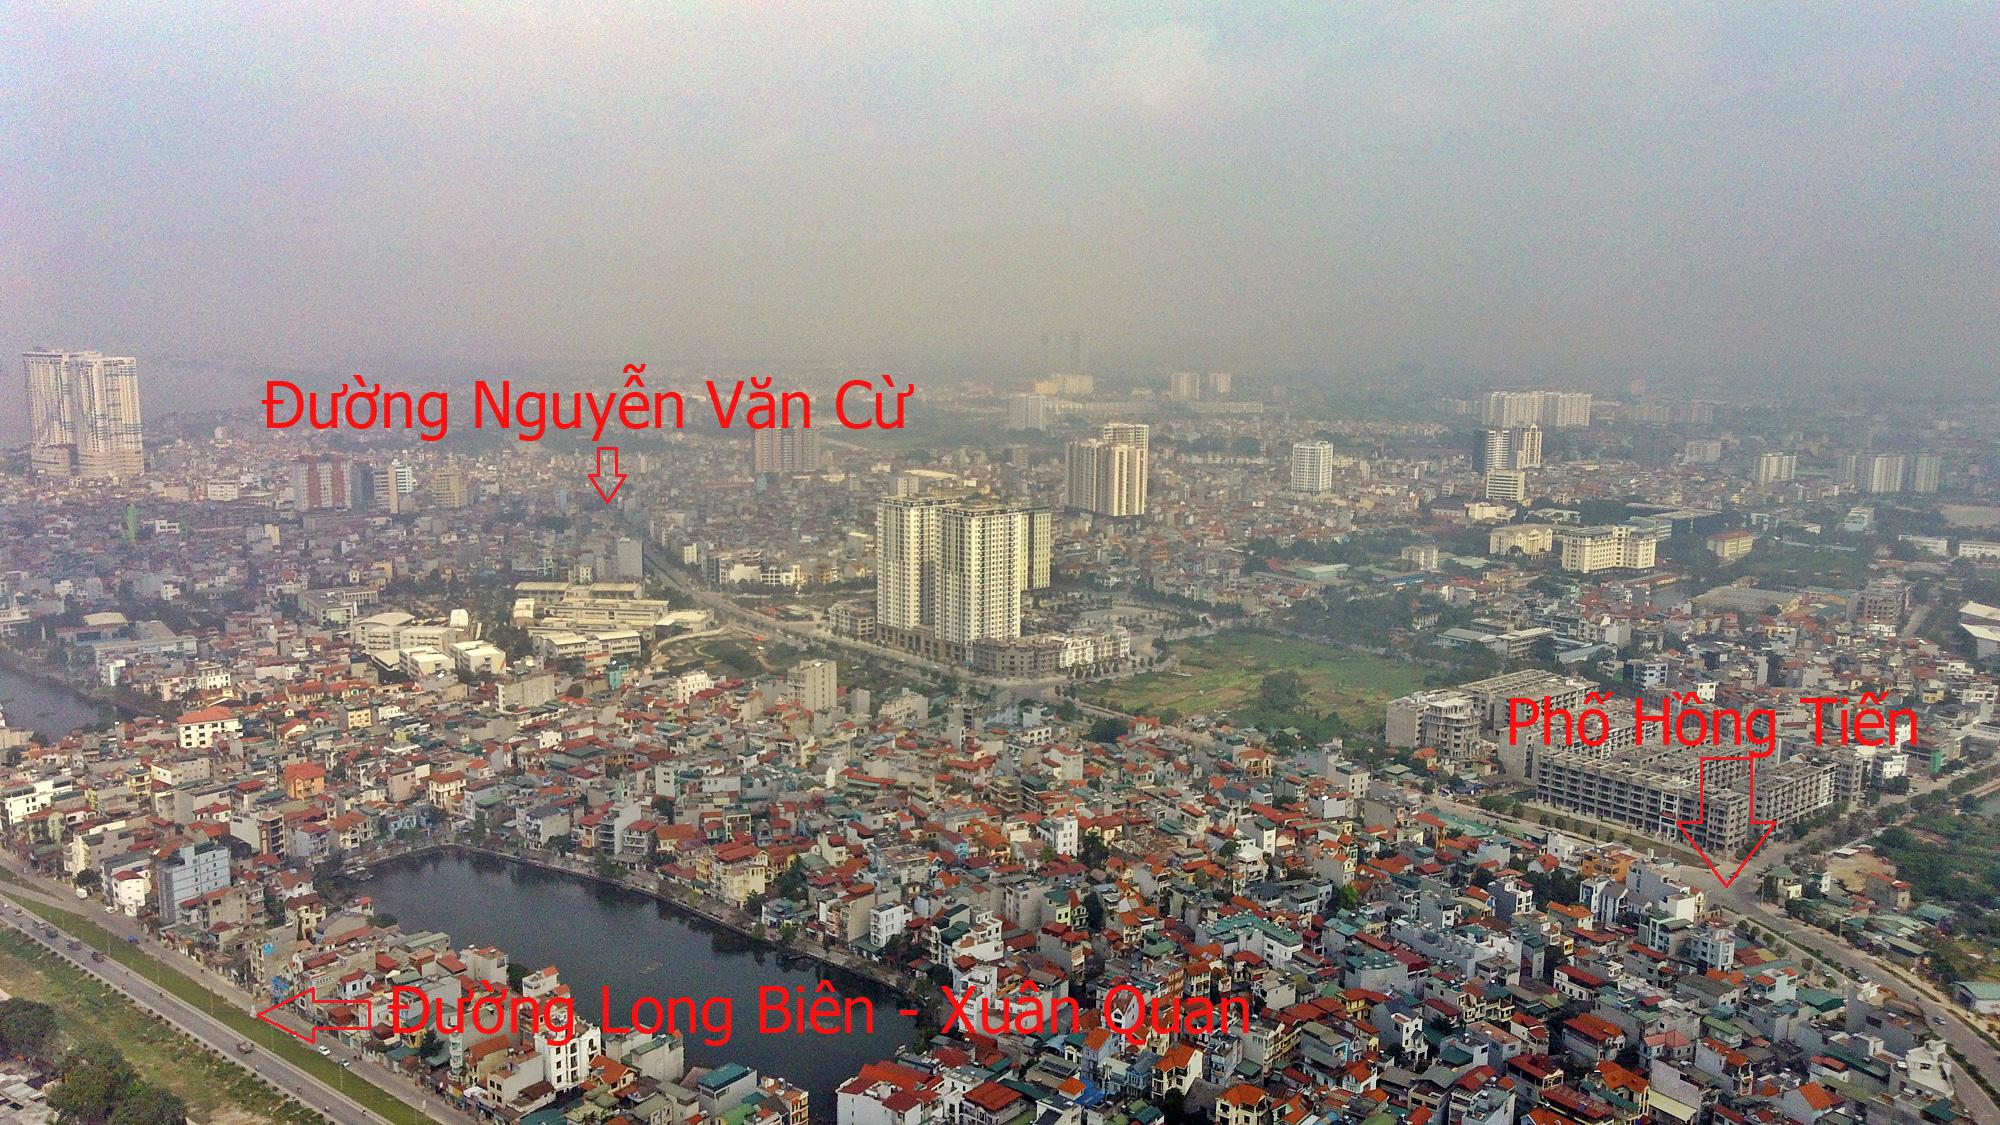 Cầu sẽ mở theo qui hoạch ở Hà Nội: Toàn cảnh cầu/hầm Trần Hưng Đạo nối quận Hoàn Kiếm - Long Biên - Ảnh 5.